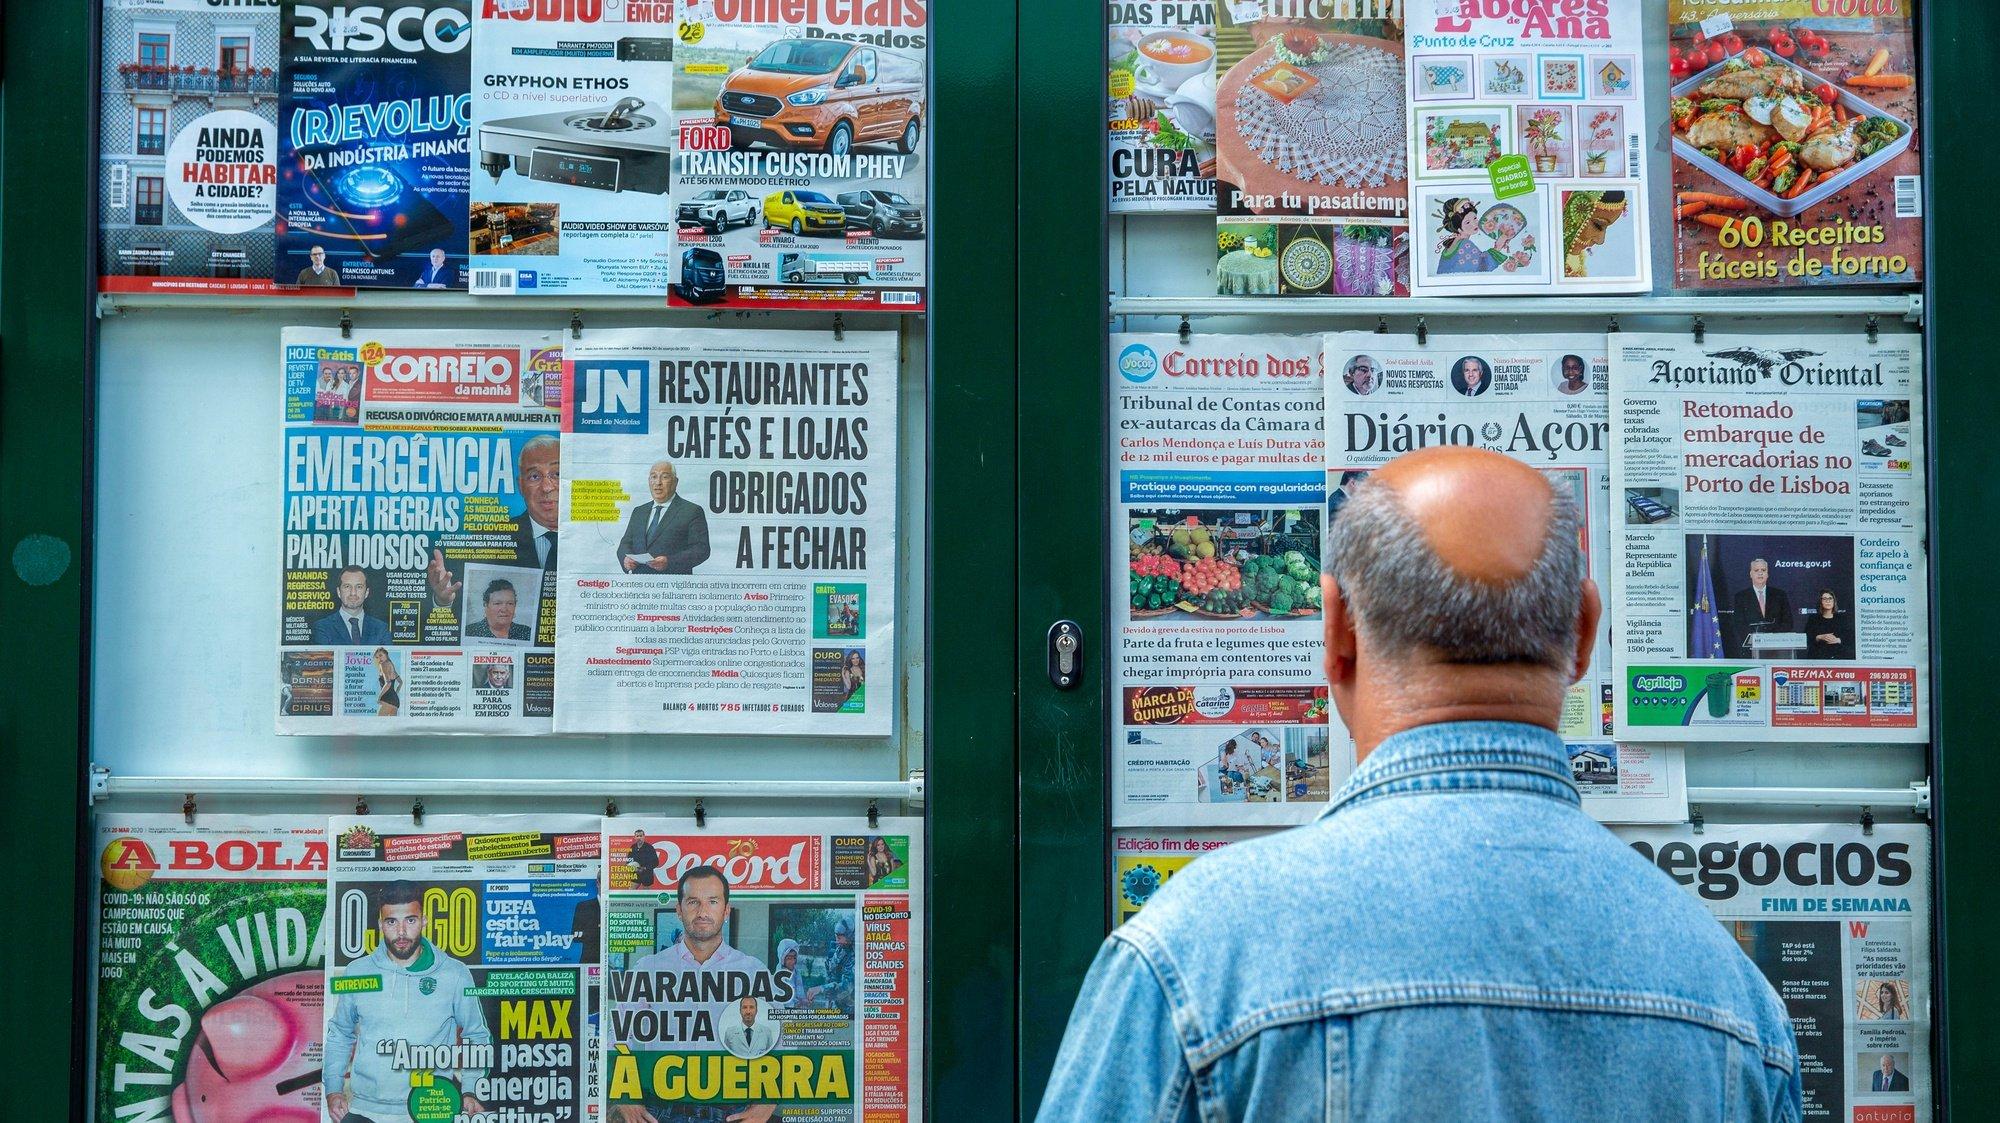 Um homem lê as capas dos jornais exposta na vitrina de um quiosque de rua em Ponta Delgada, ilha de São Miguel, Açores, 21 de março de 2020. Em Portugal, há 12 mortes e 1.280 infeções confirmadas. Portugal encontra-se em estado de emergência desde as 00:00 de quinta-feira e até às 23:59 de 02 de abril. EDUARDO COSTA/LUSA